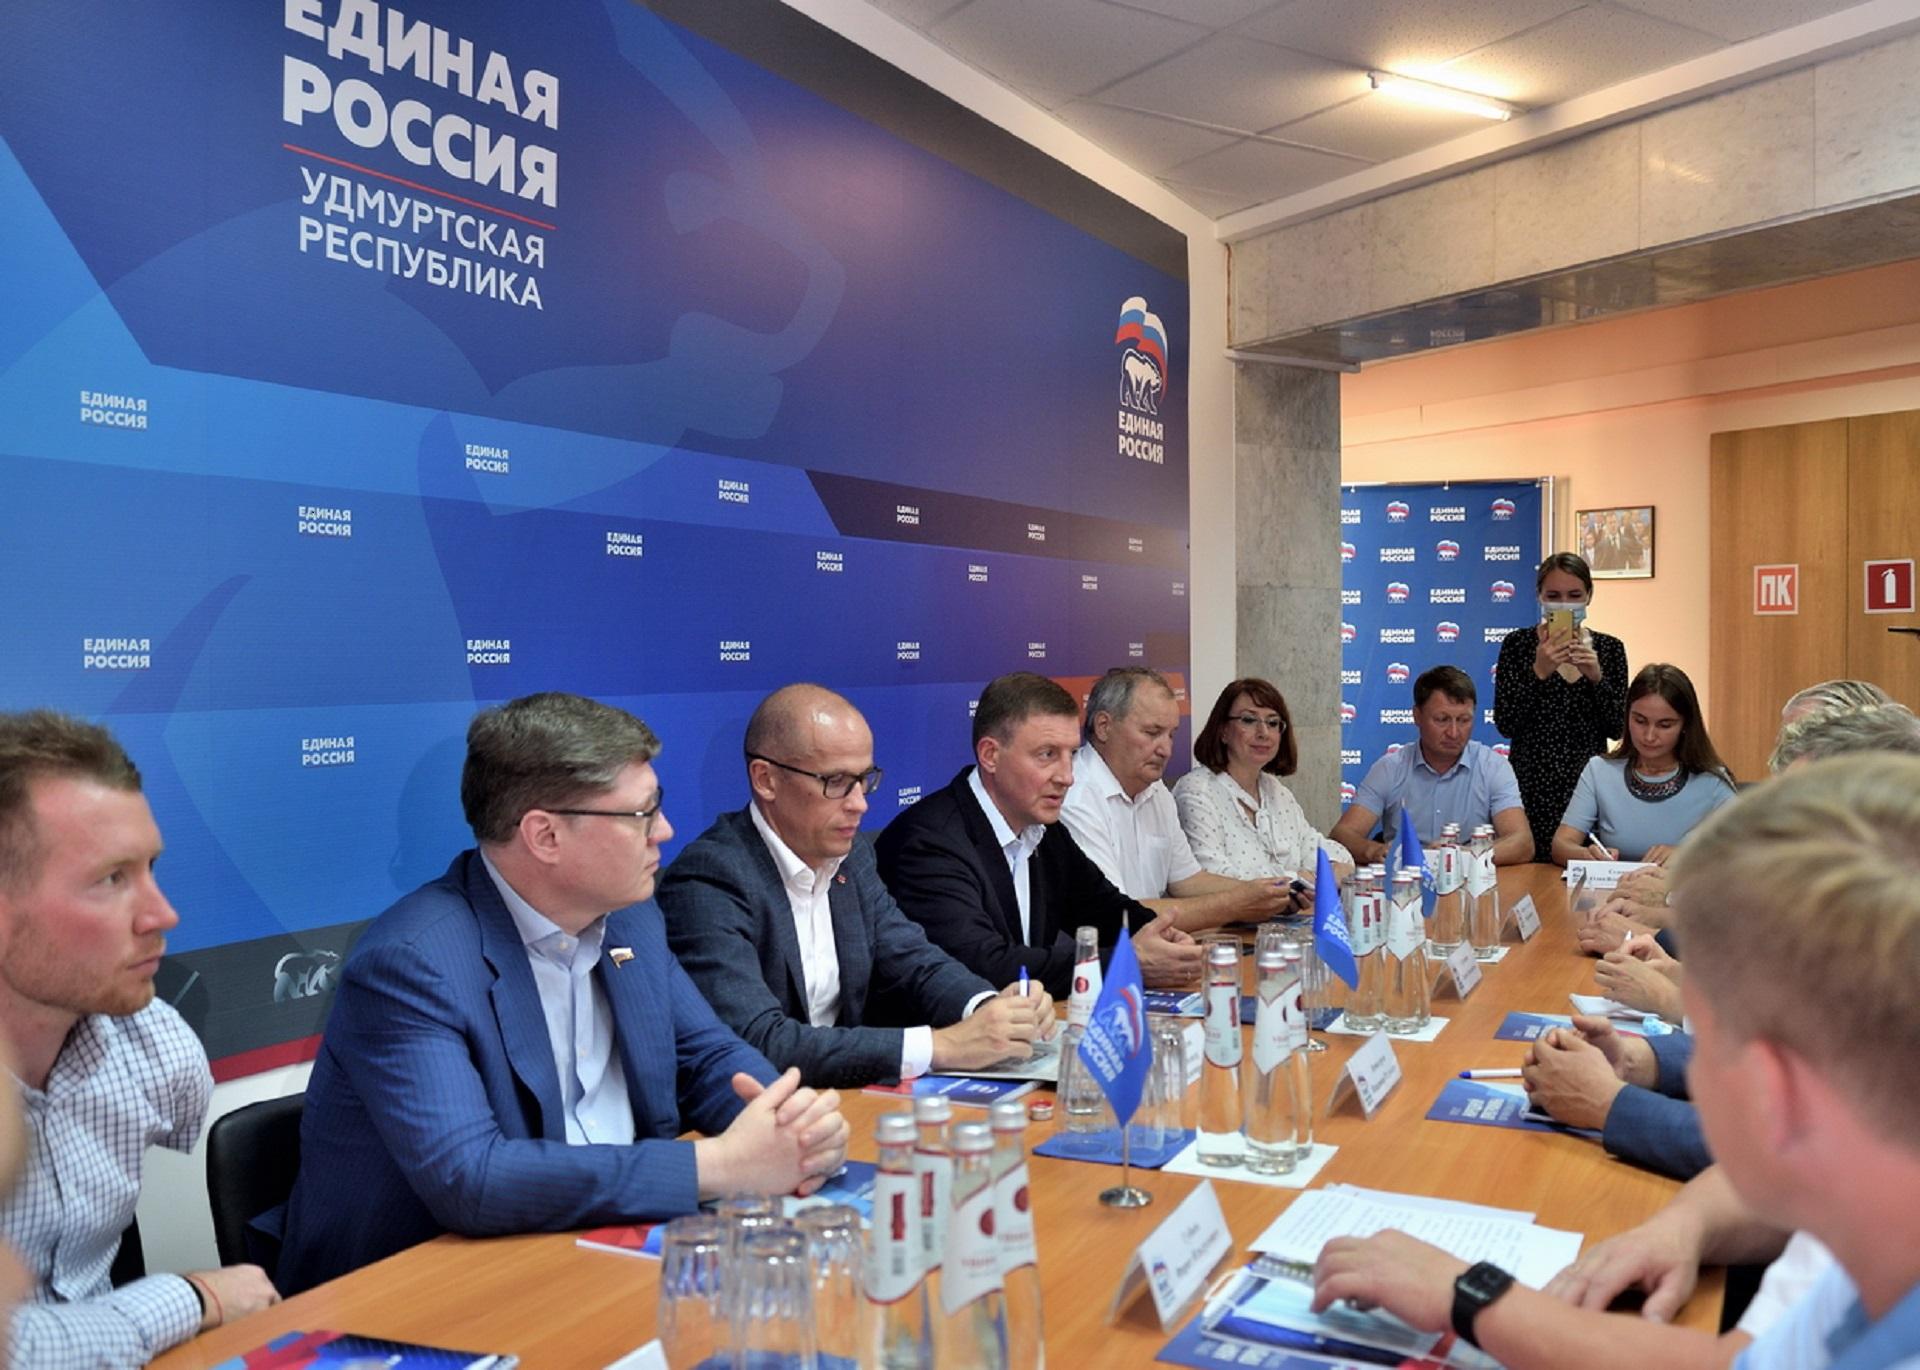 Андрей Турчак принял участие в заседании регионального Штаба общественной поддержки в Ижевске